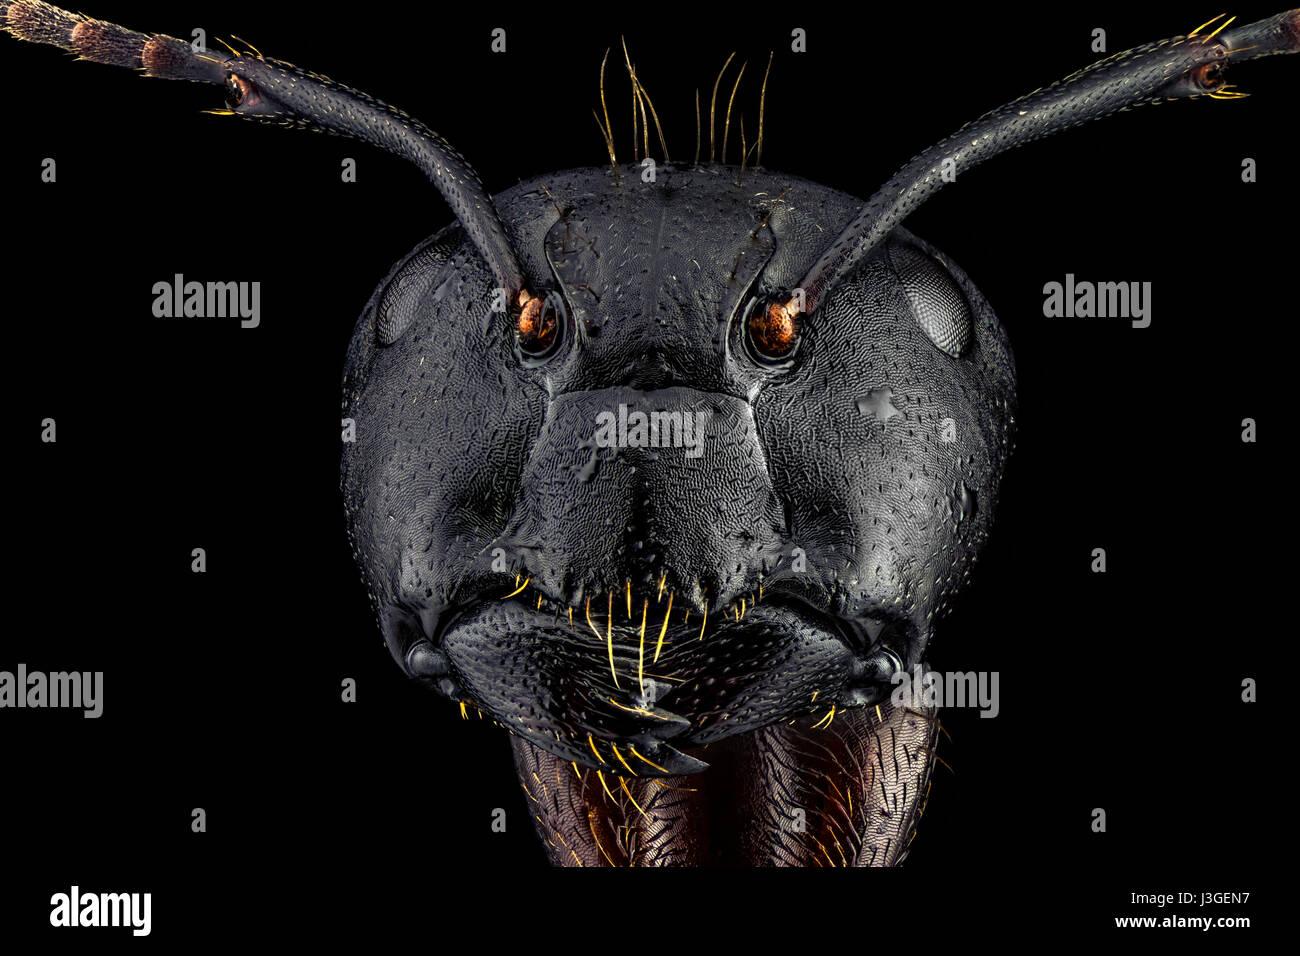 Extreme macro portrait d'une fourmi, précise et détaillée, grossie 4 fois par le biais d'un Photo Stock